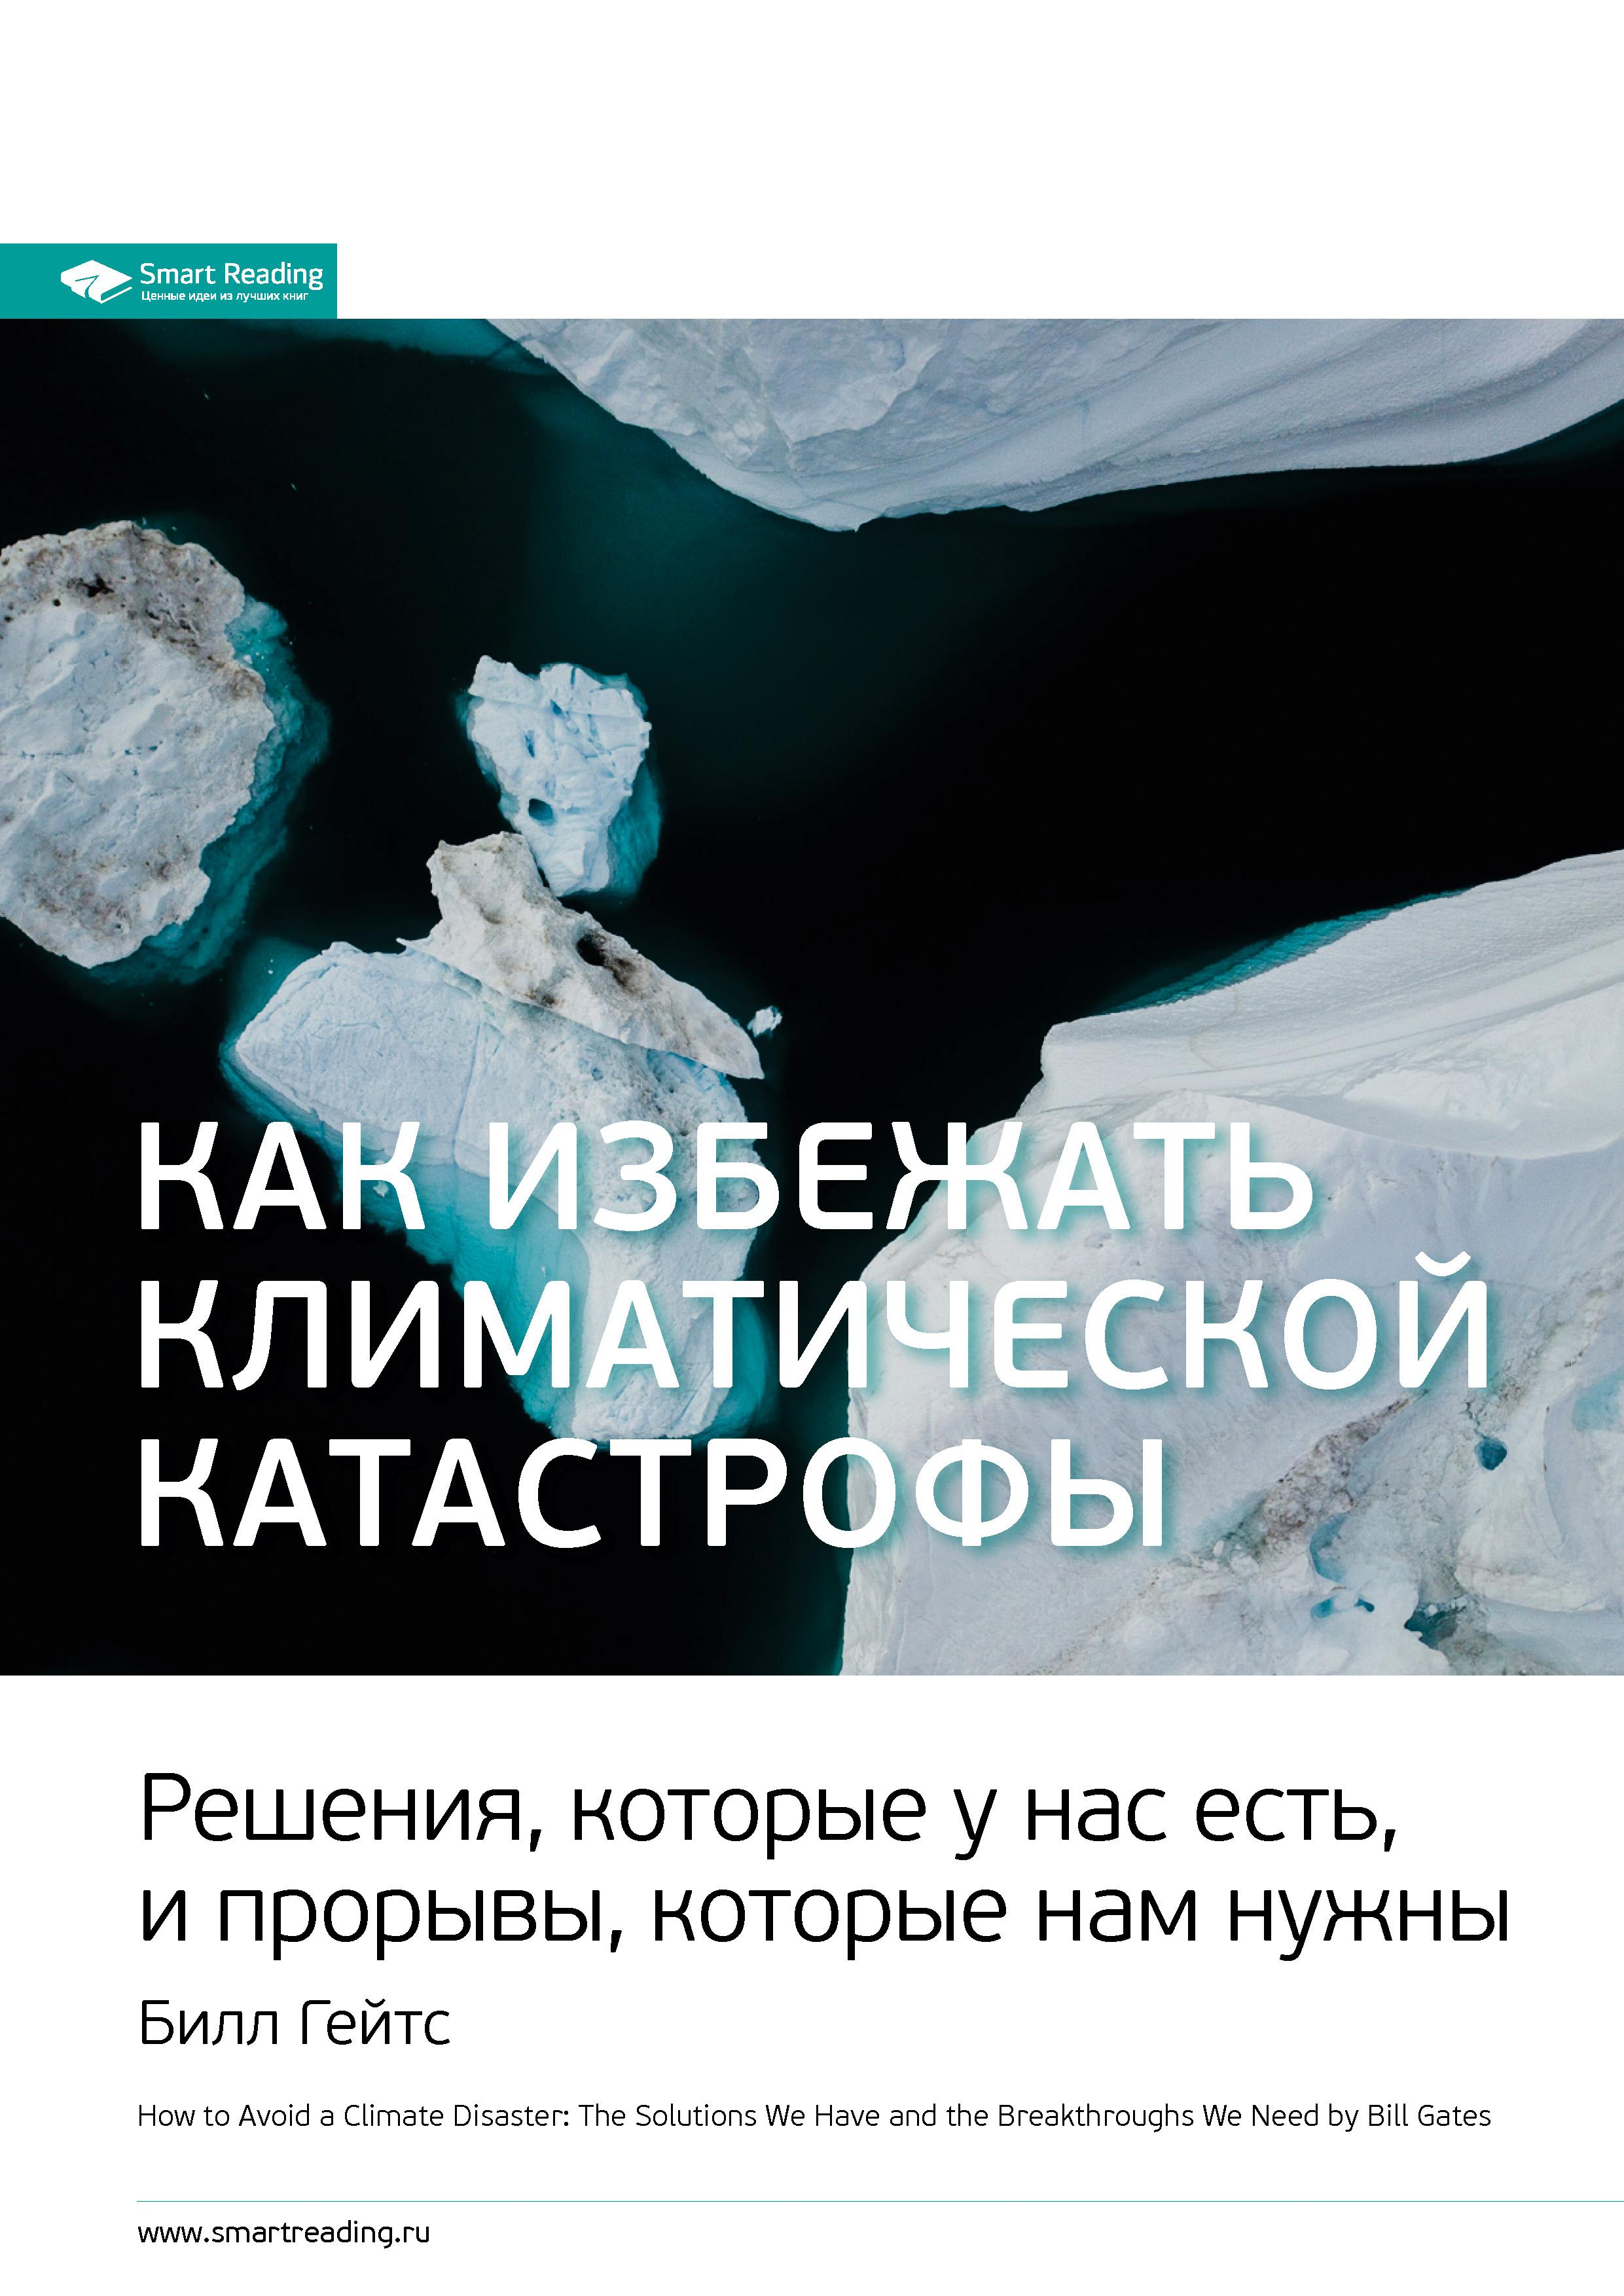 Ключевые идеи книги: Как избежать климатической катастрофы. Решения, которые у нас есть, и прорывы, которые нам нужны. Билл Гейтс